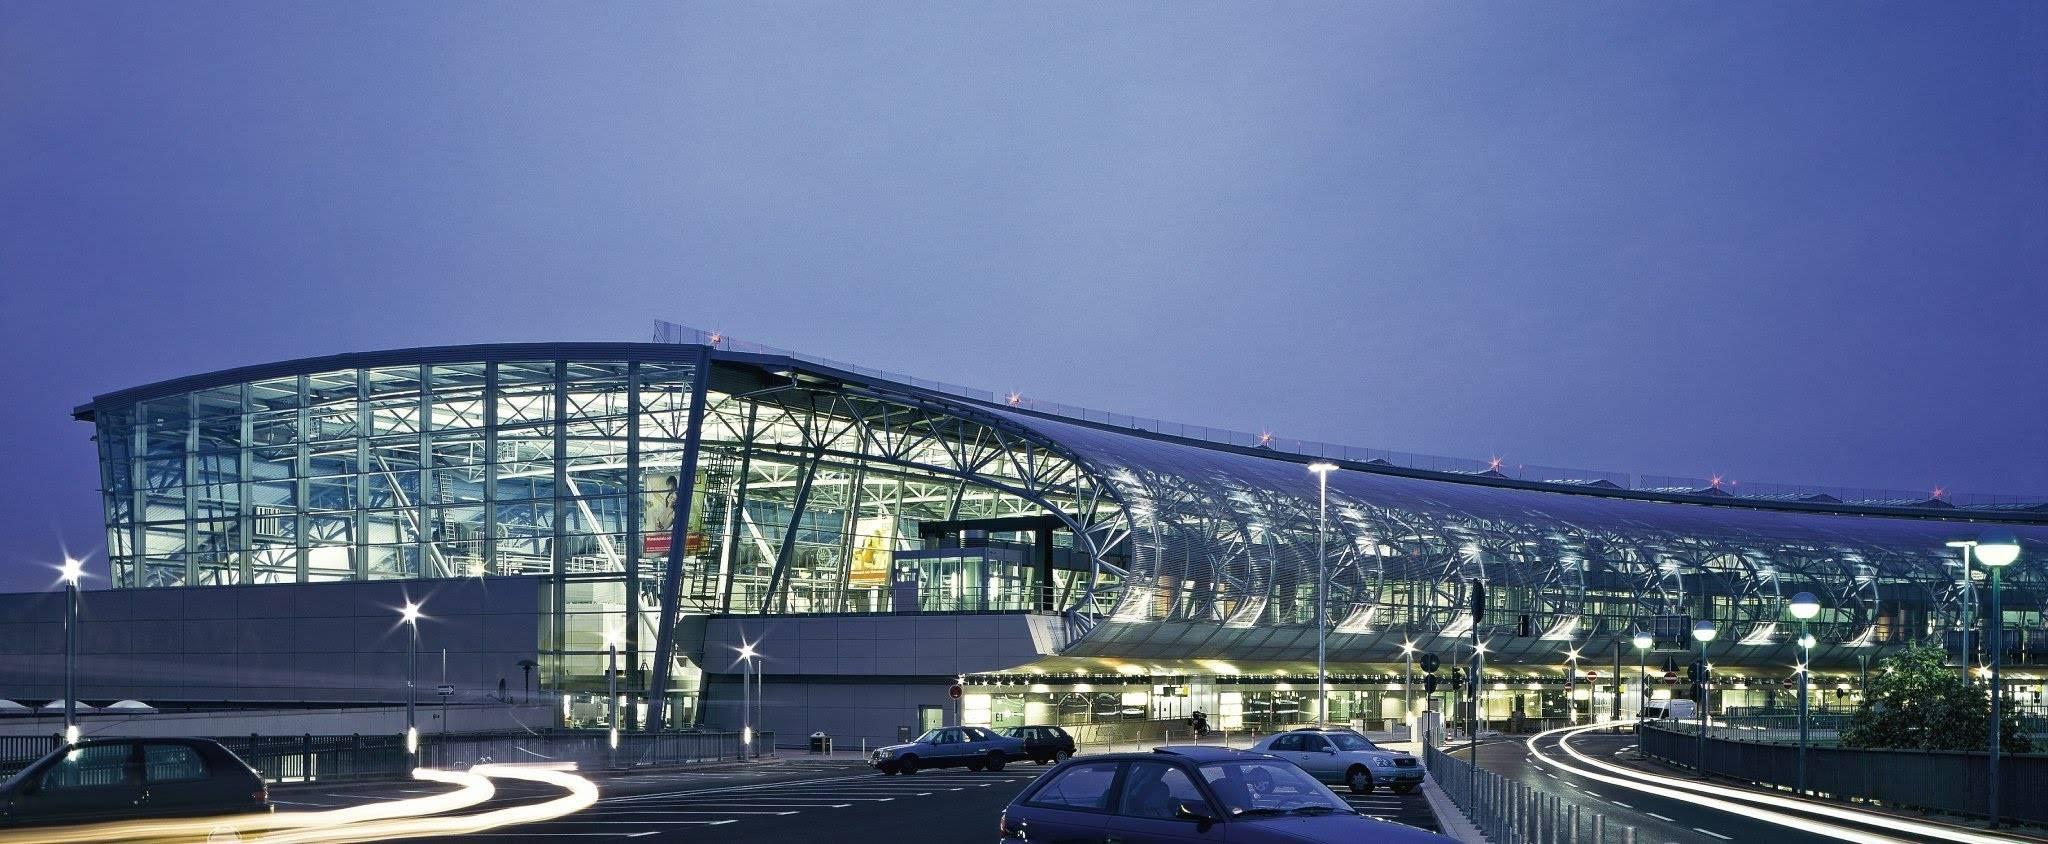 Международный аэропорт дюссельдорф википедия